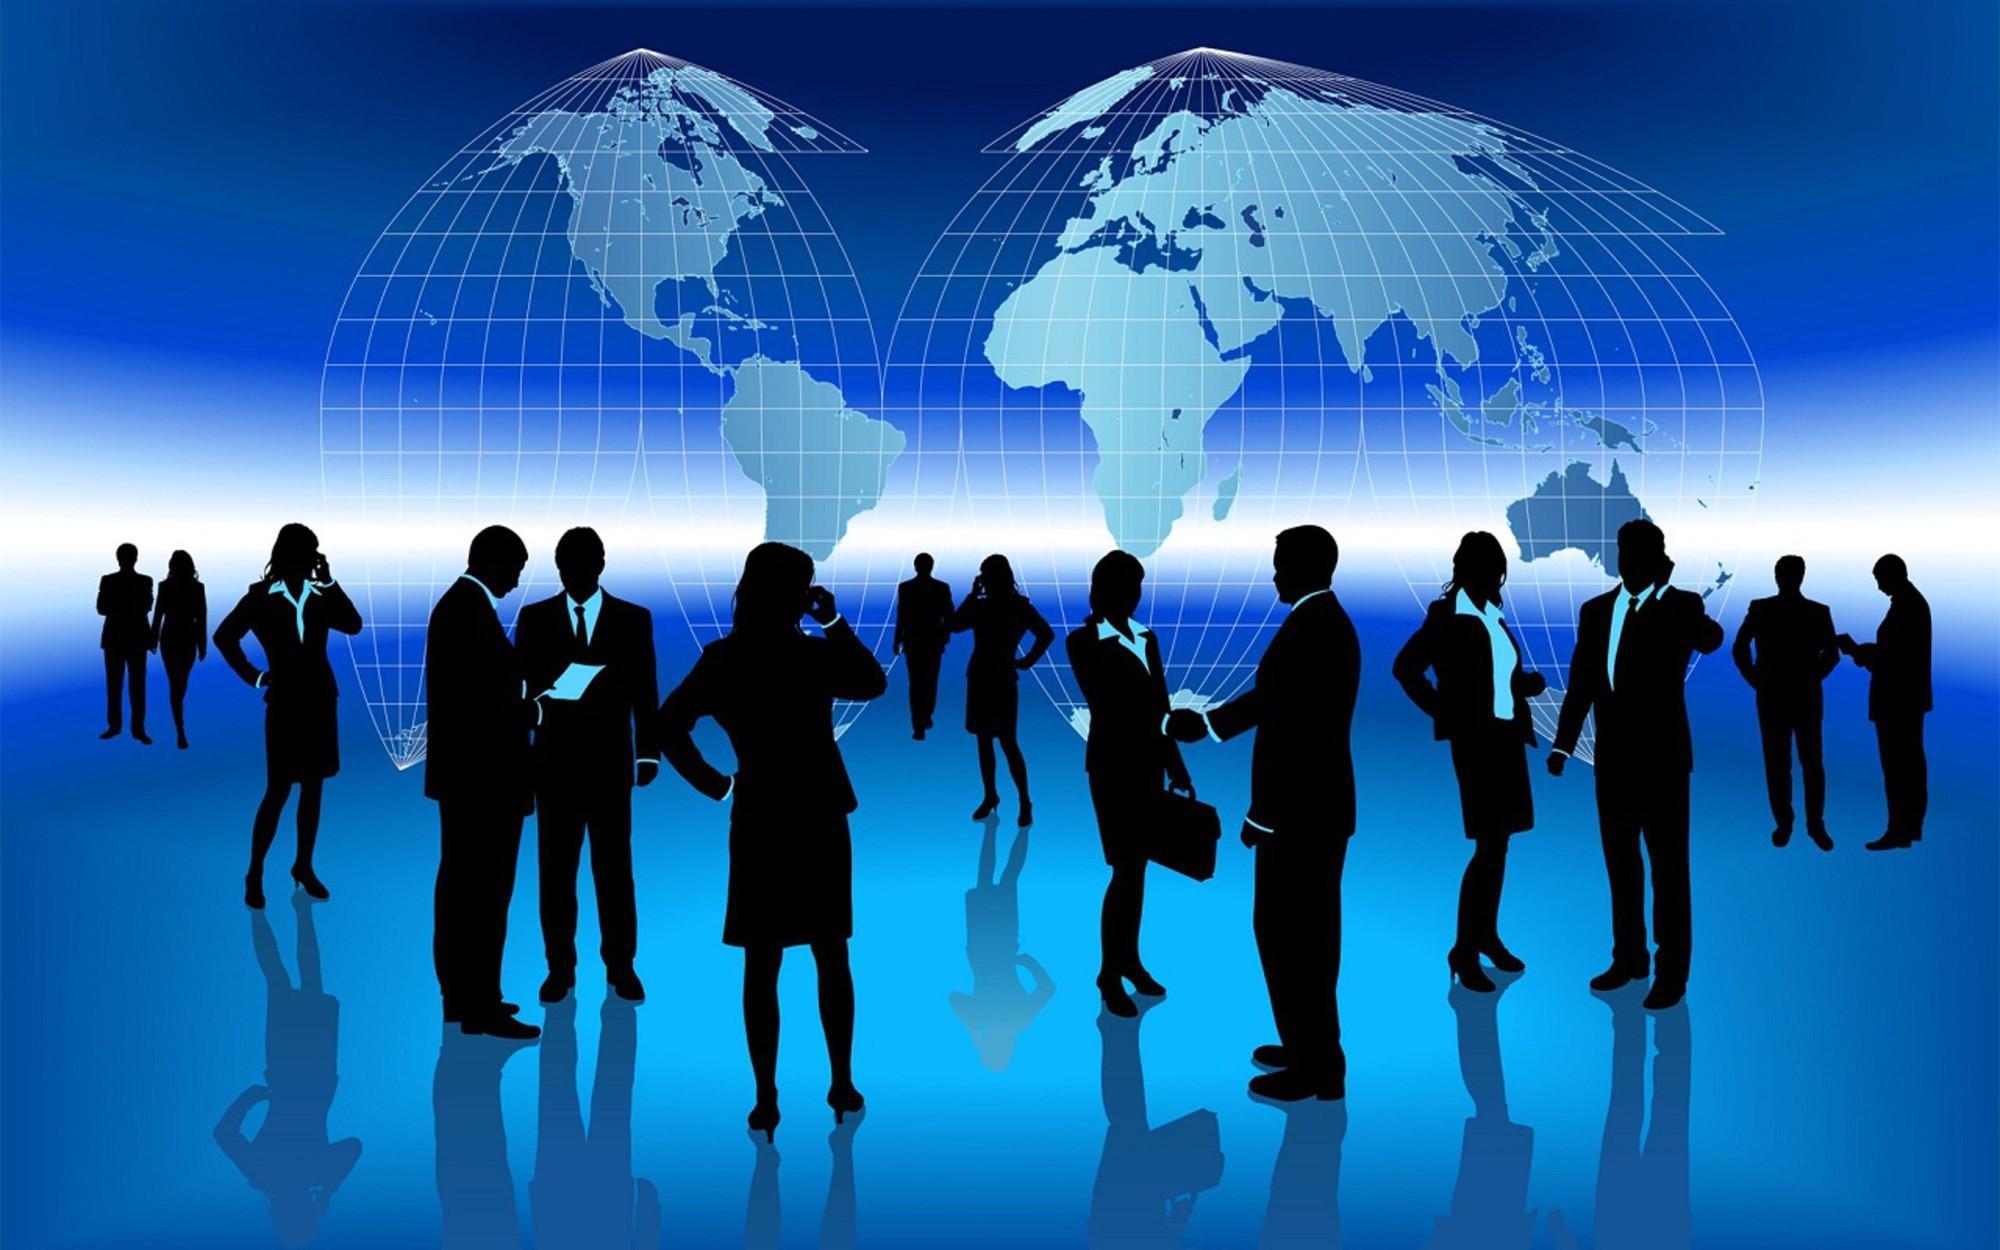 29,7 nghìn doanh nghiệp đăng ký thành lập mới trong quý I/2020